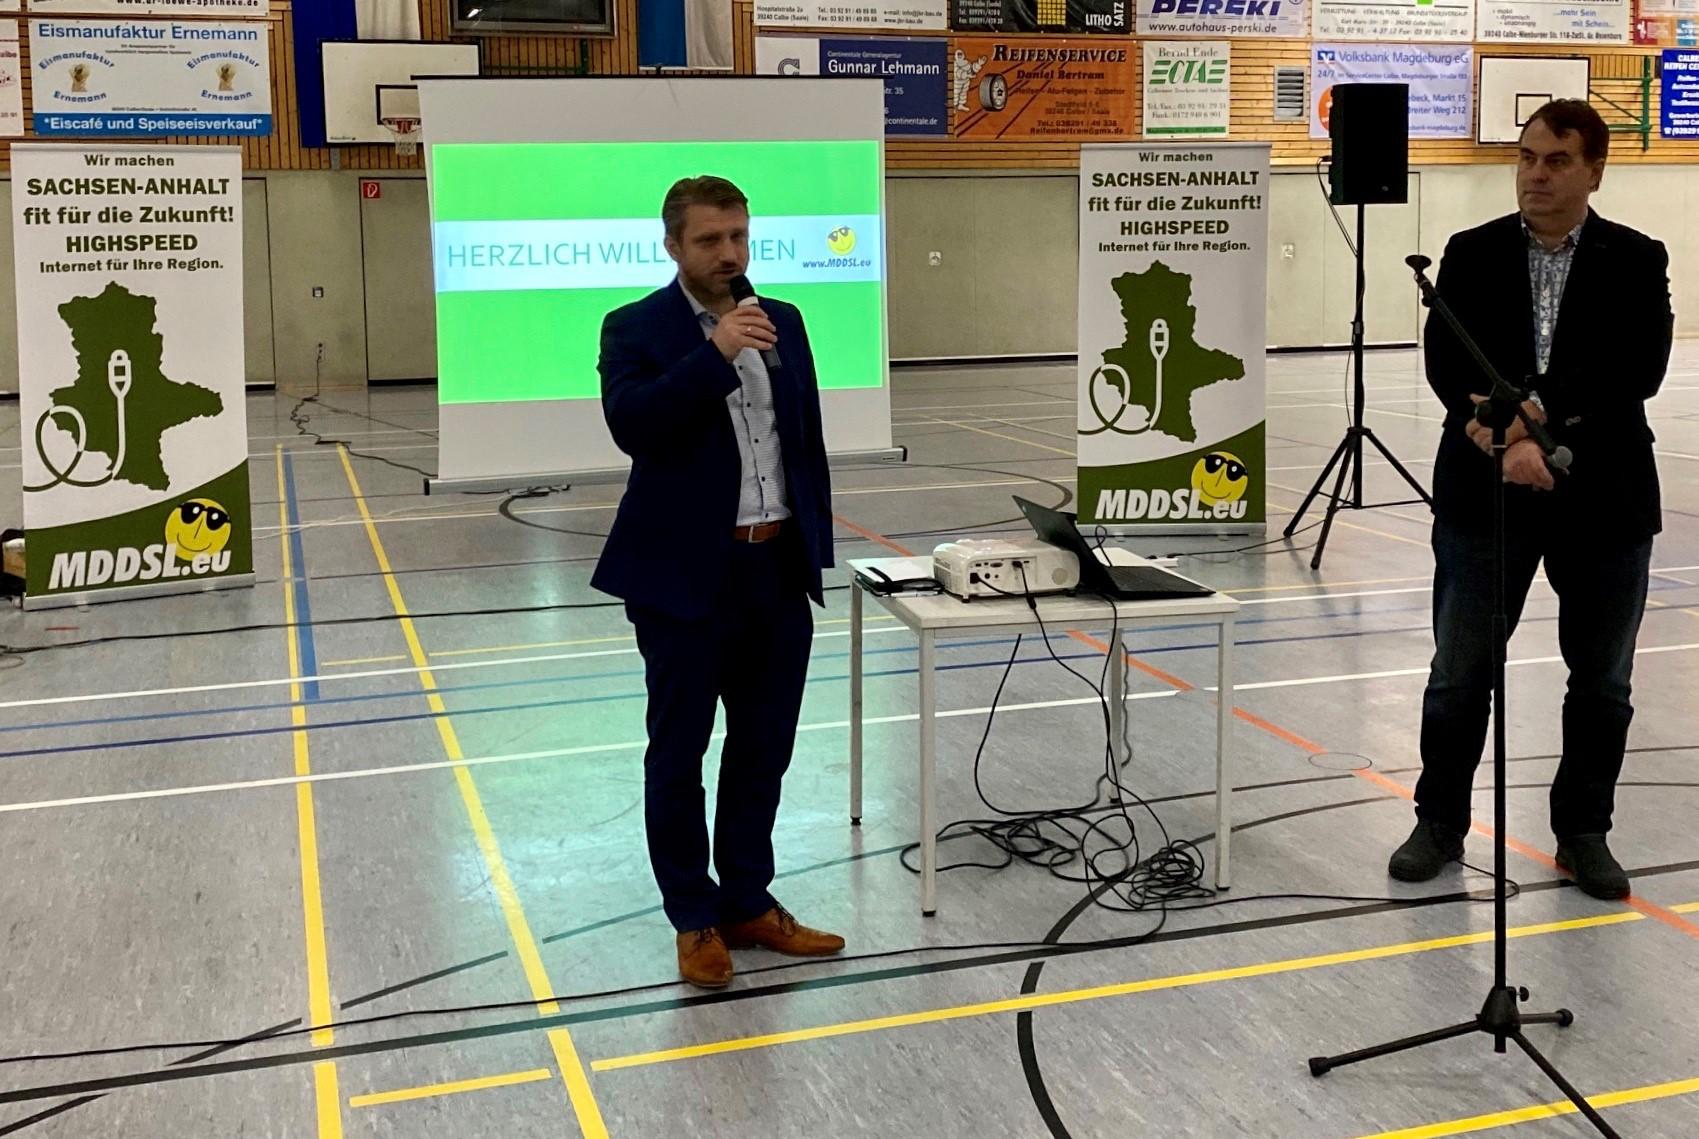 v.l. Bürgermeister Sven Hause und MDDSL- Geschäftsführer Andreas Riedel bei den Erläuterungen zum Breitbandausbau in Calbe